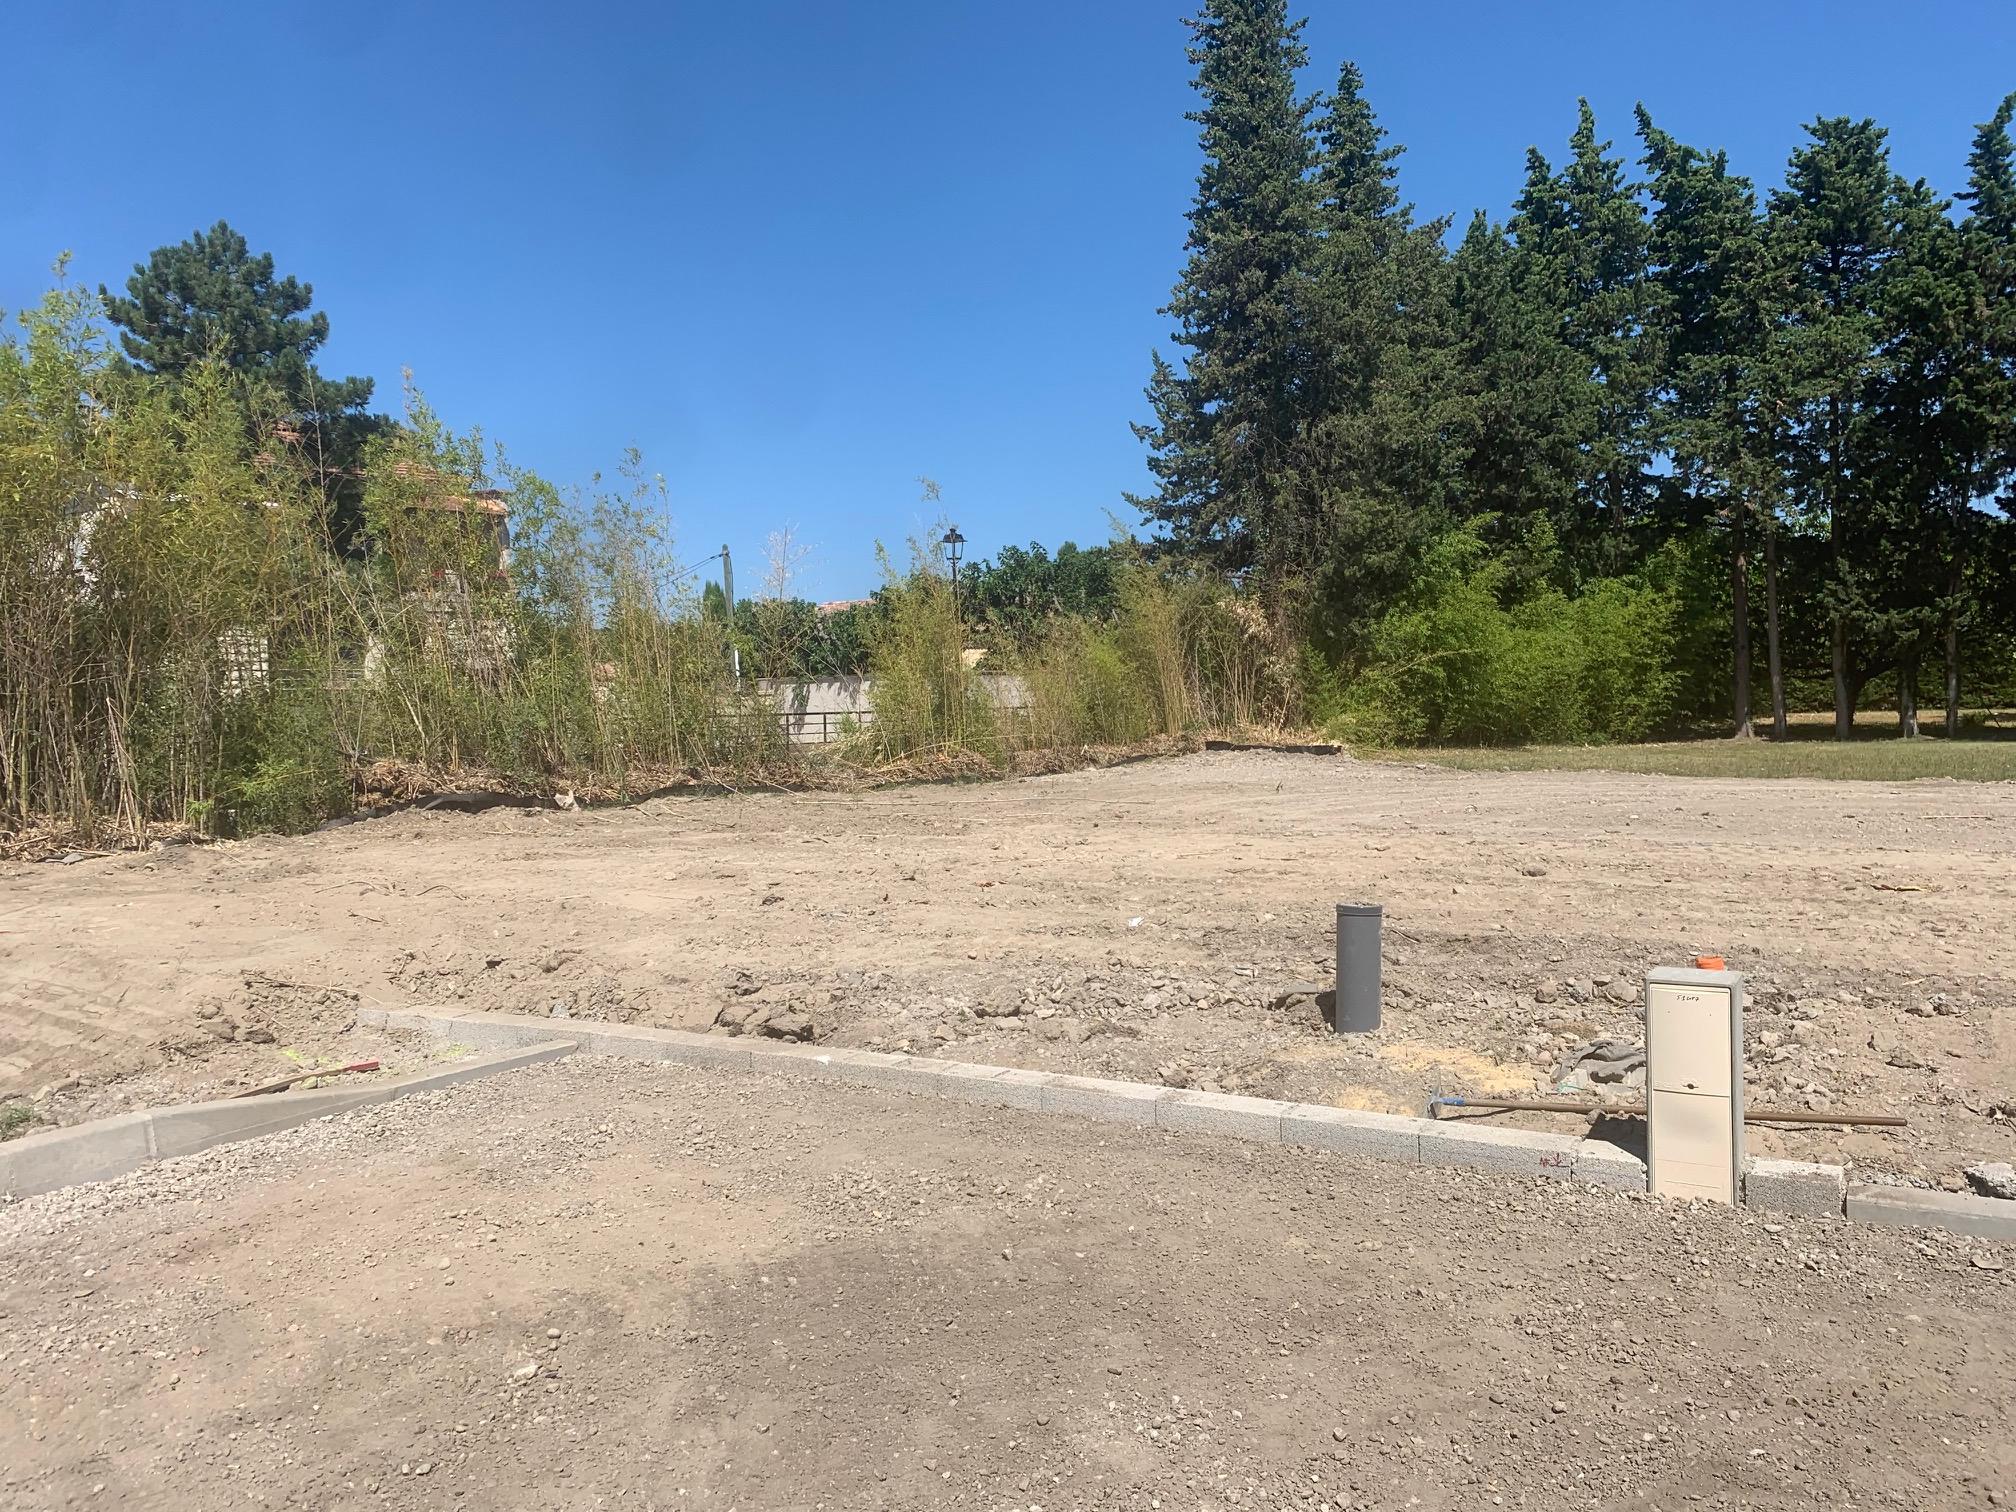 Terrains du constructeur MAS PROVENCE • 500 m² • RAPHELE LES ARLES